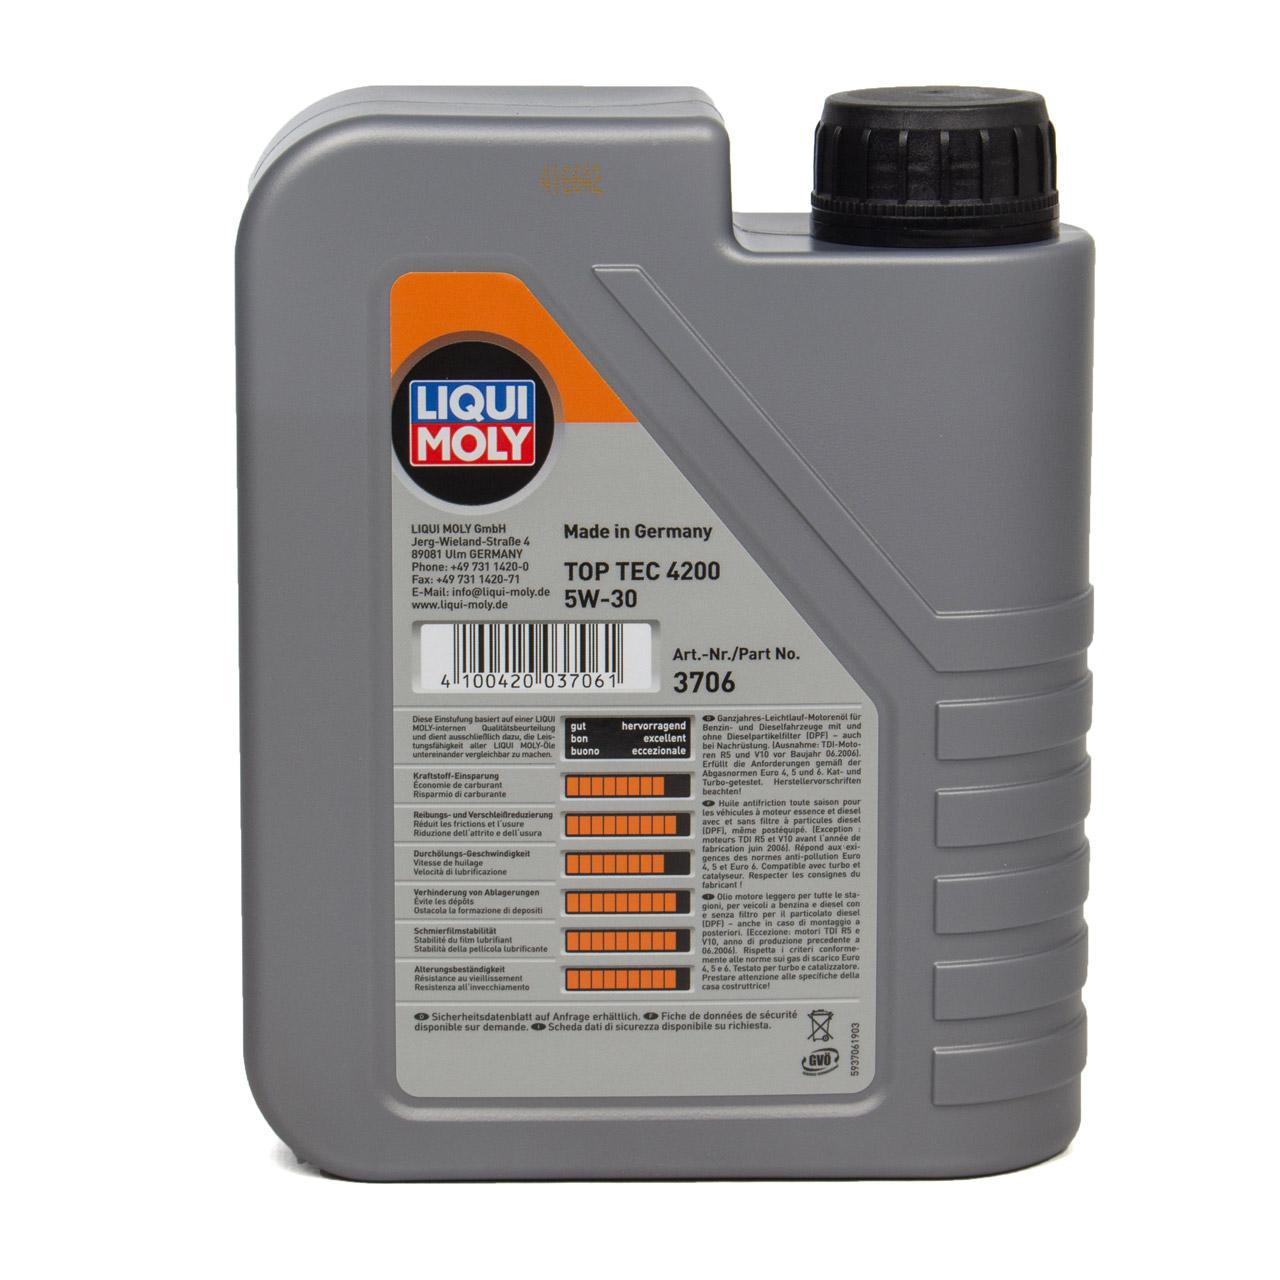 LIQUI MOLY 1L 1 Liter Motoröl Öl TOP TEC 4200 5W30 5W-30 3707 VW 504.00 507.00